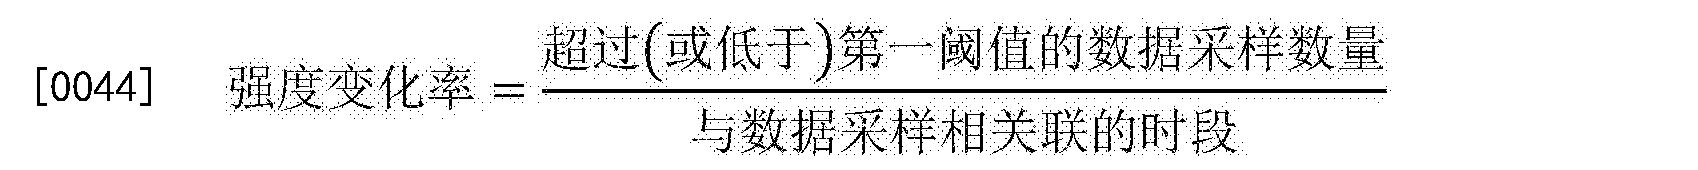 Figure CN106228718BD00101